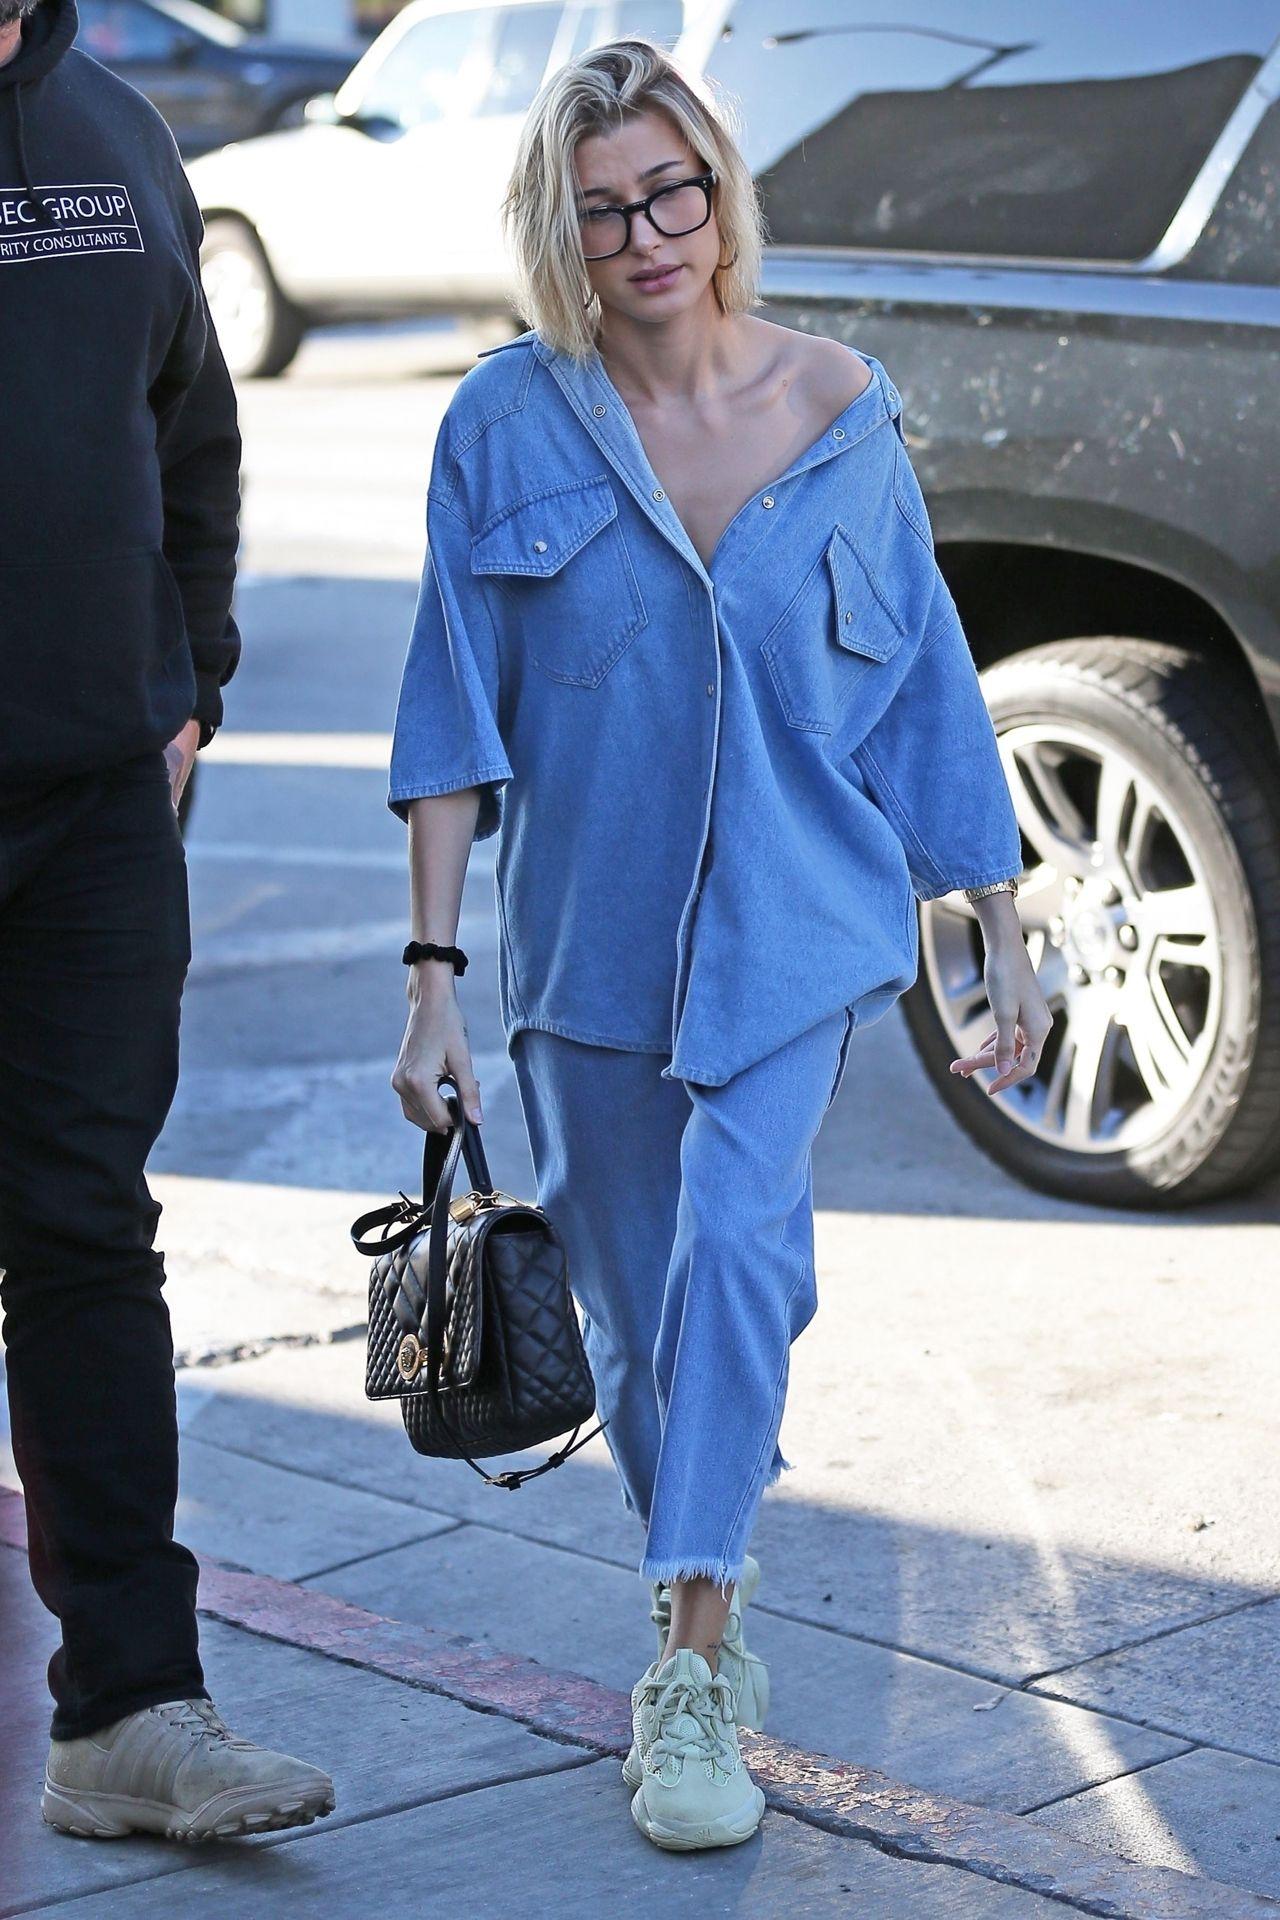 74e21b5996 Hailey Baldwin is dressed in a Denim Nanushka Shirt and Jeans ...